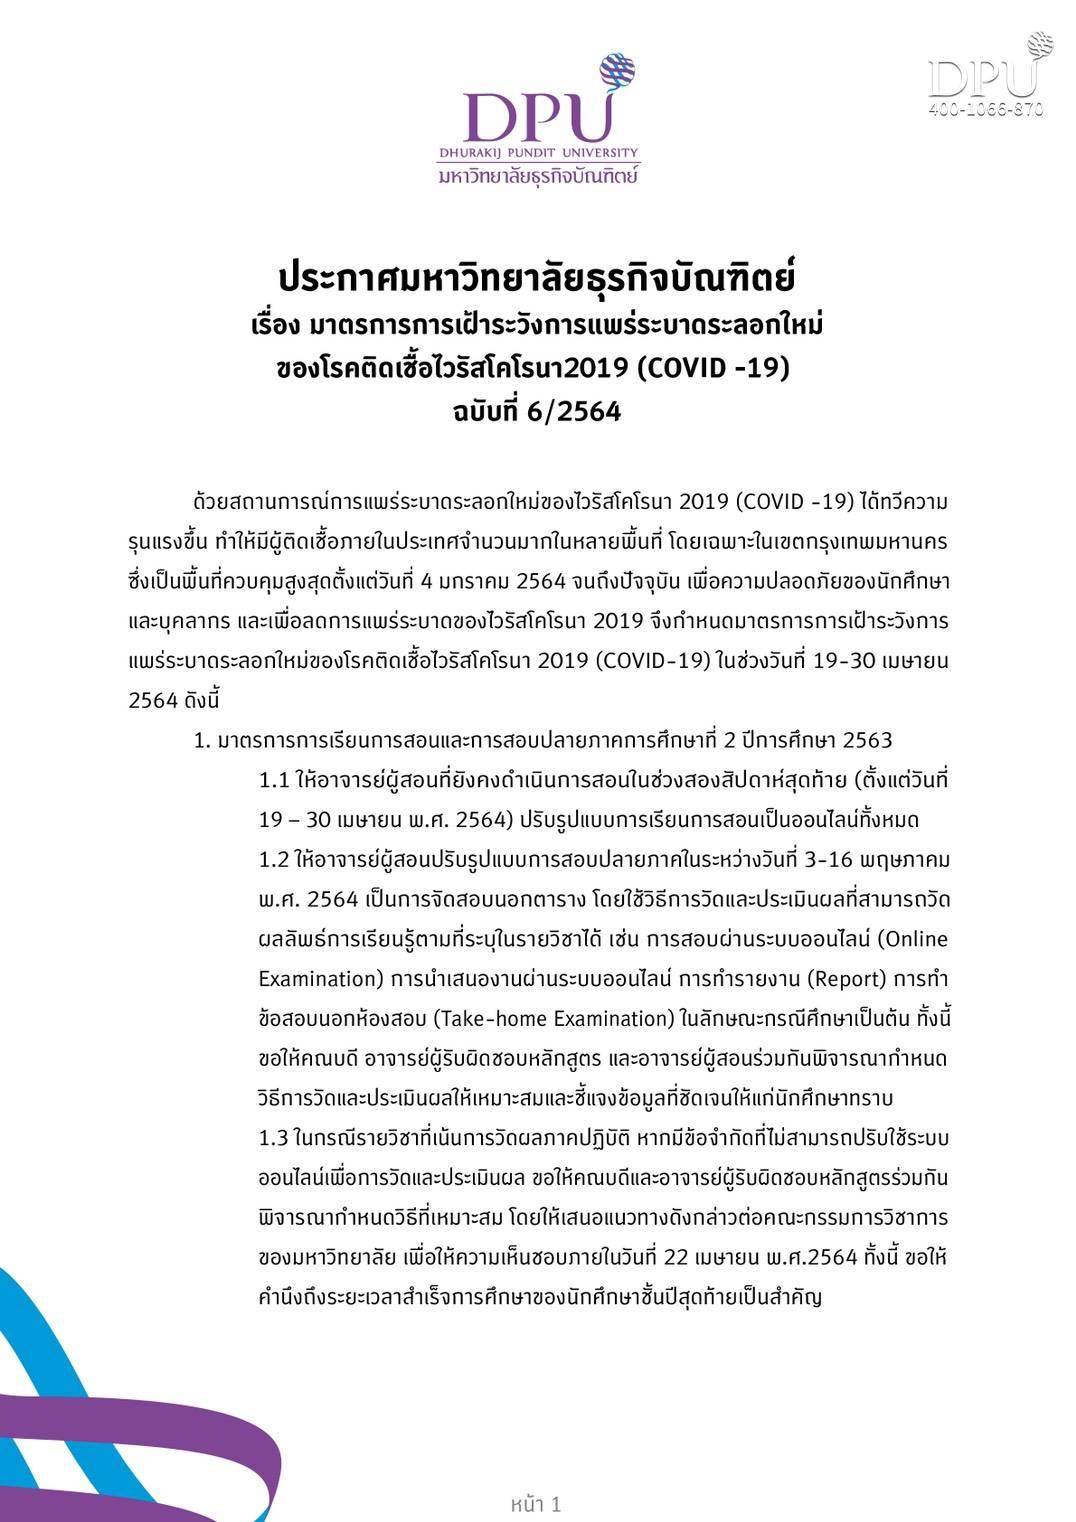 泰国博仁大学就(COVID-19)疫情防控措施